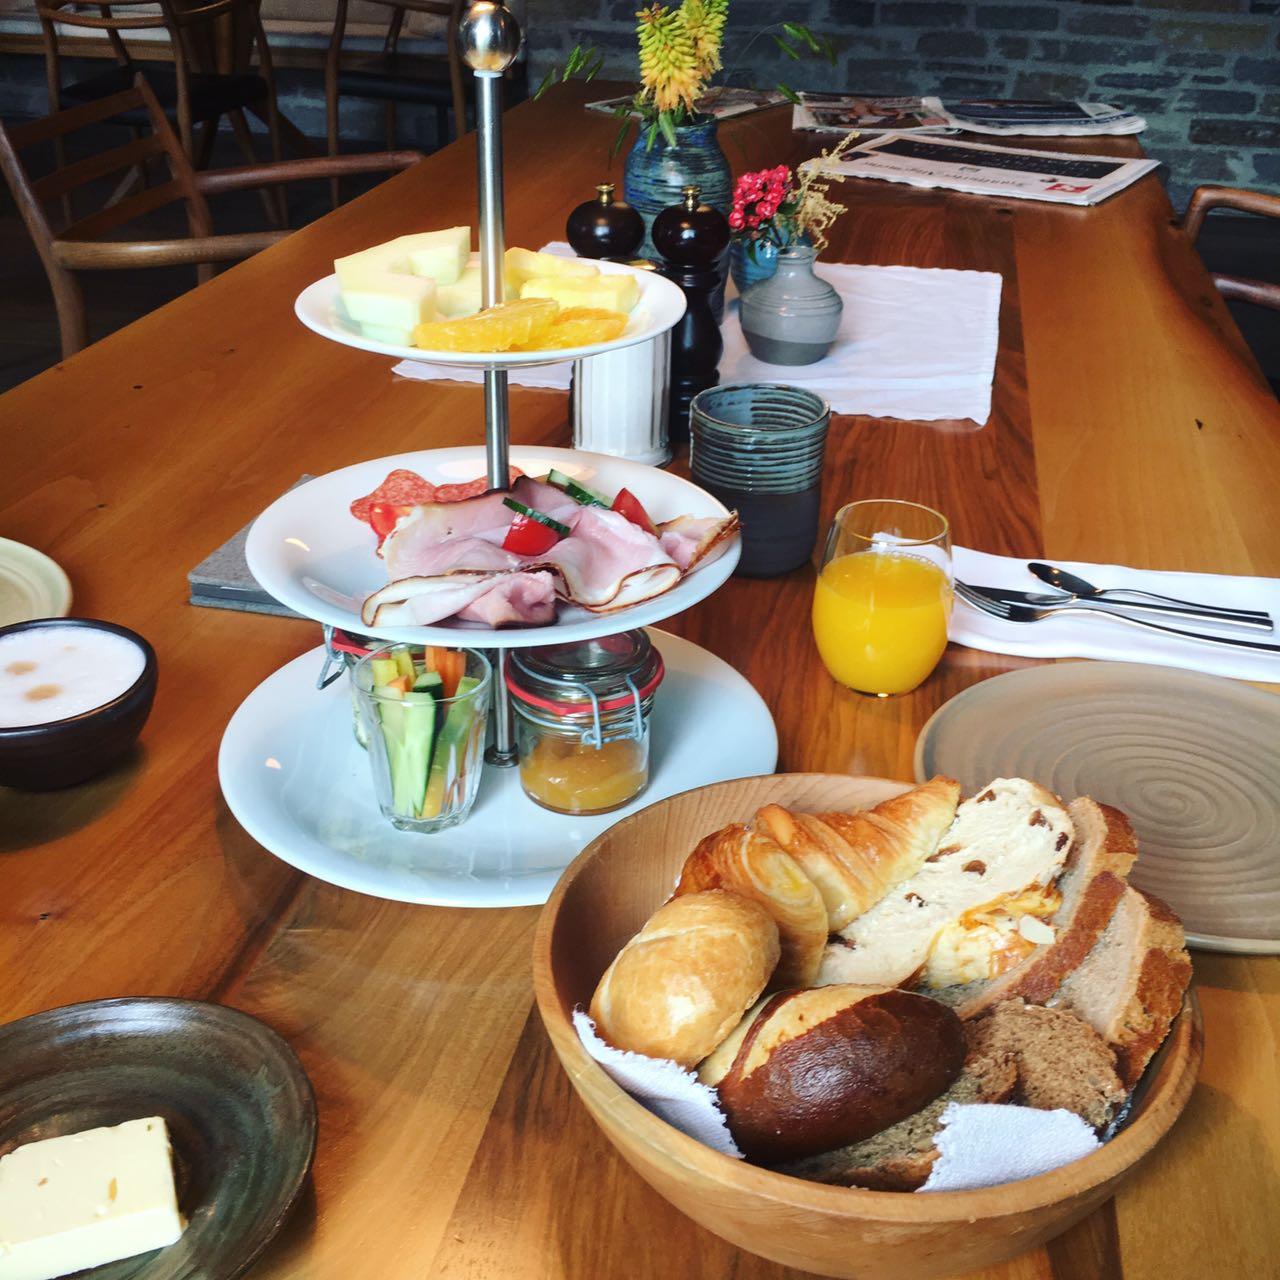 Frühstück Wiesergut Wiesernbrot Orangensaft Käse Wurst